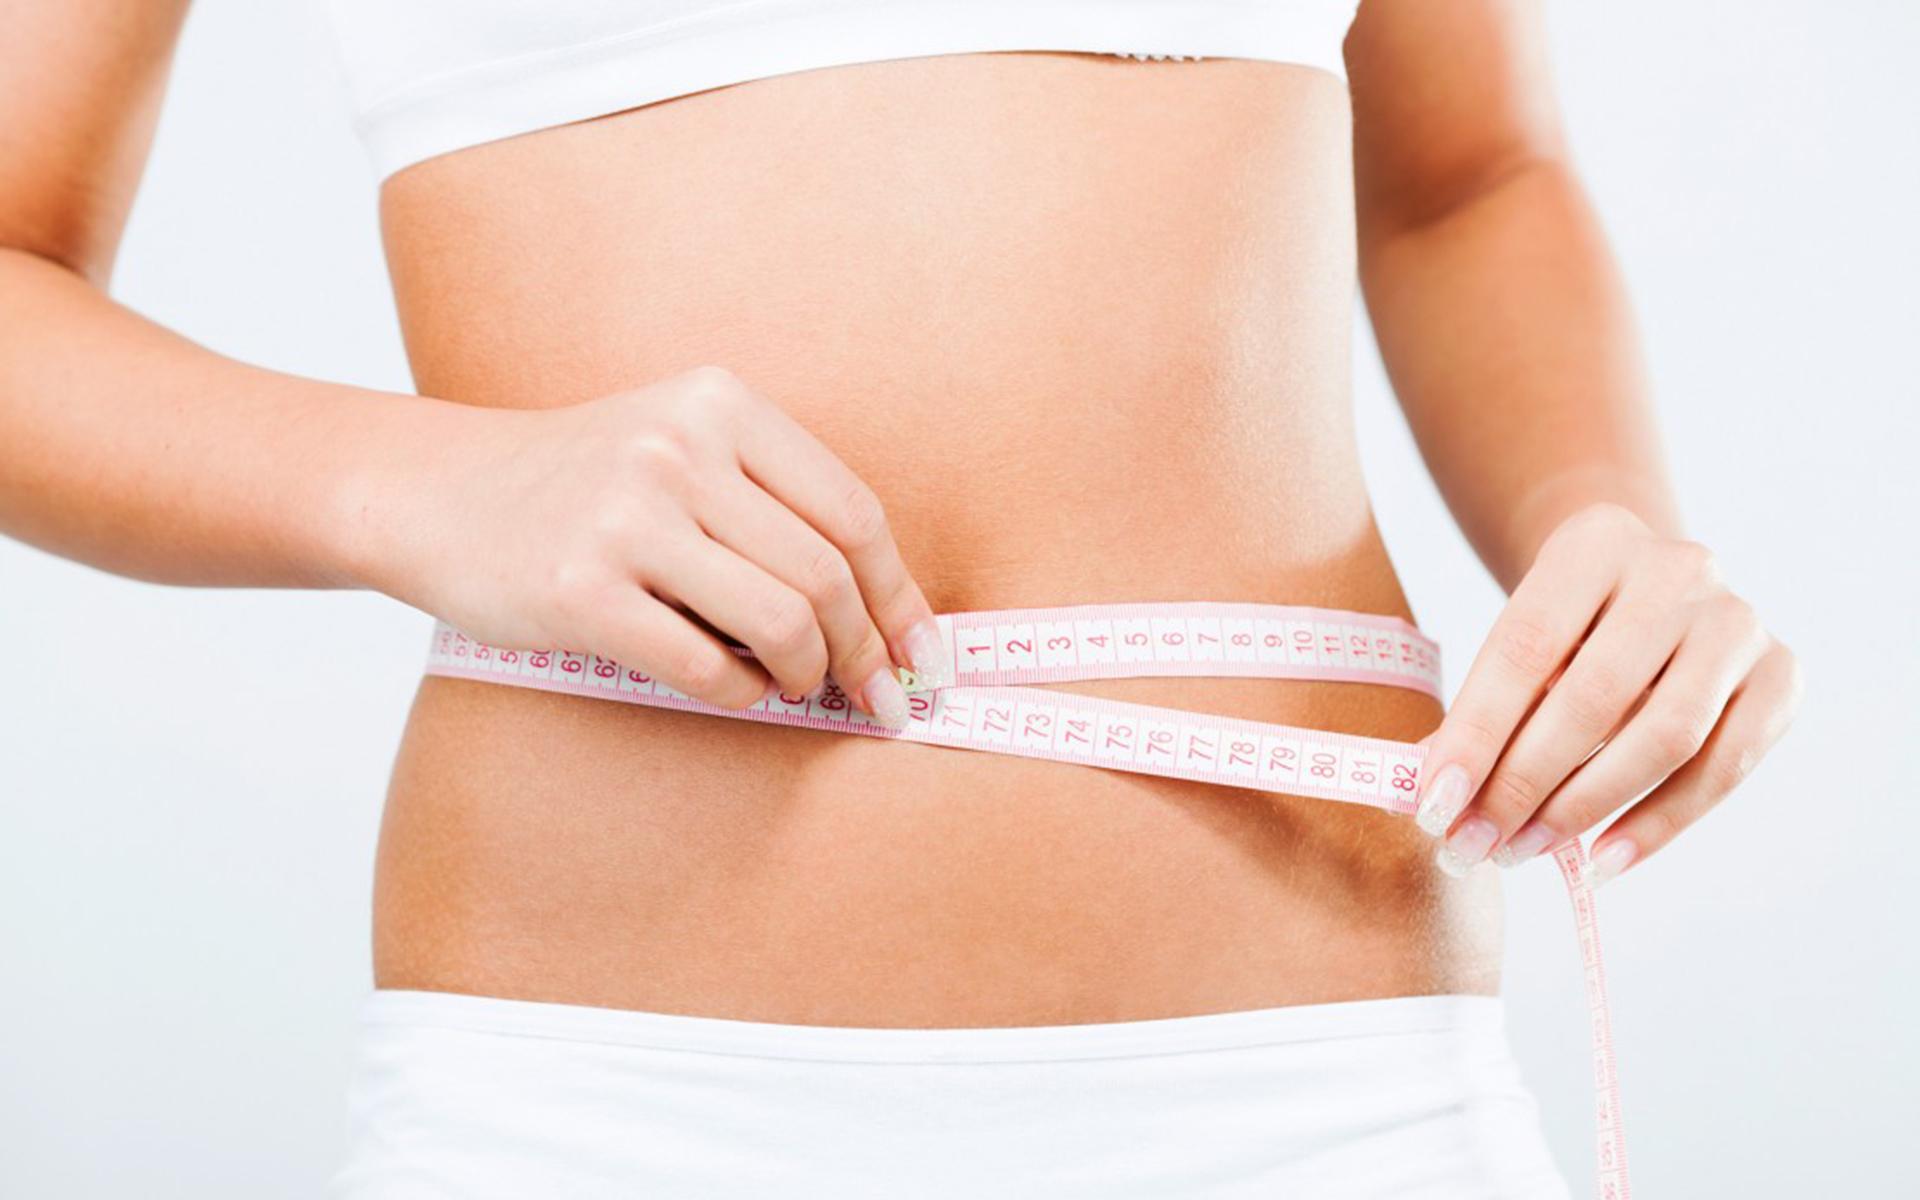 cel mai bun mod simplu de a pierde în greutate sanatoriu pentru pierderea in greutate